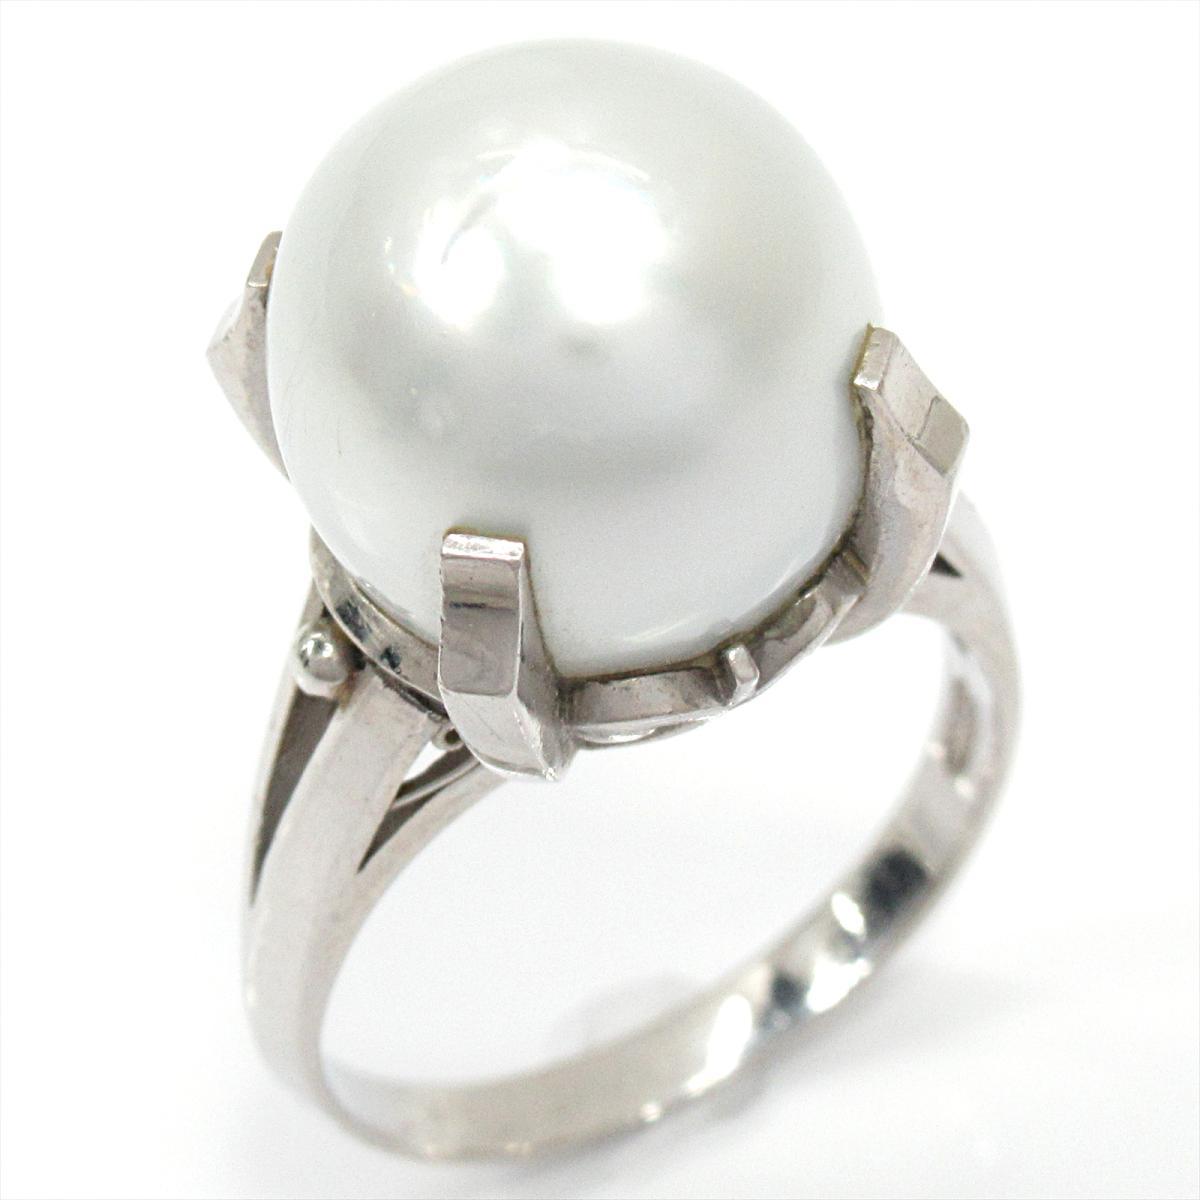 【中古】ジュエリー パール リング 指輪 レディース PT900 プラチナ x パール